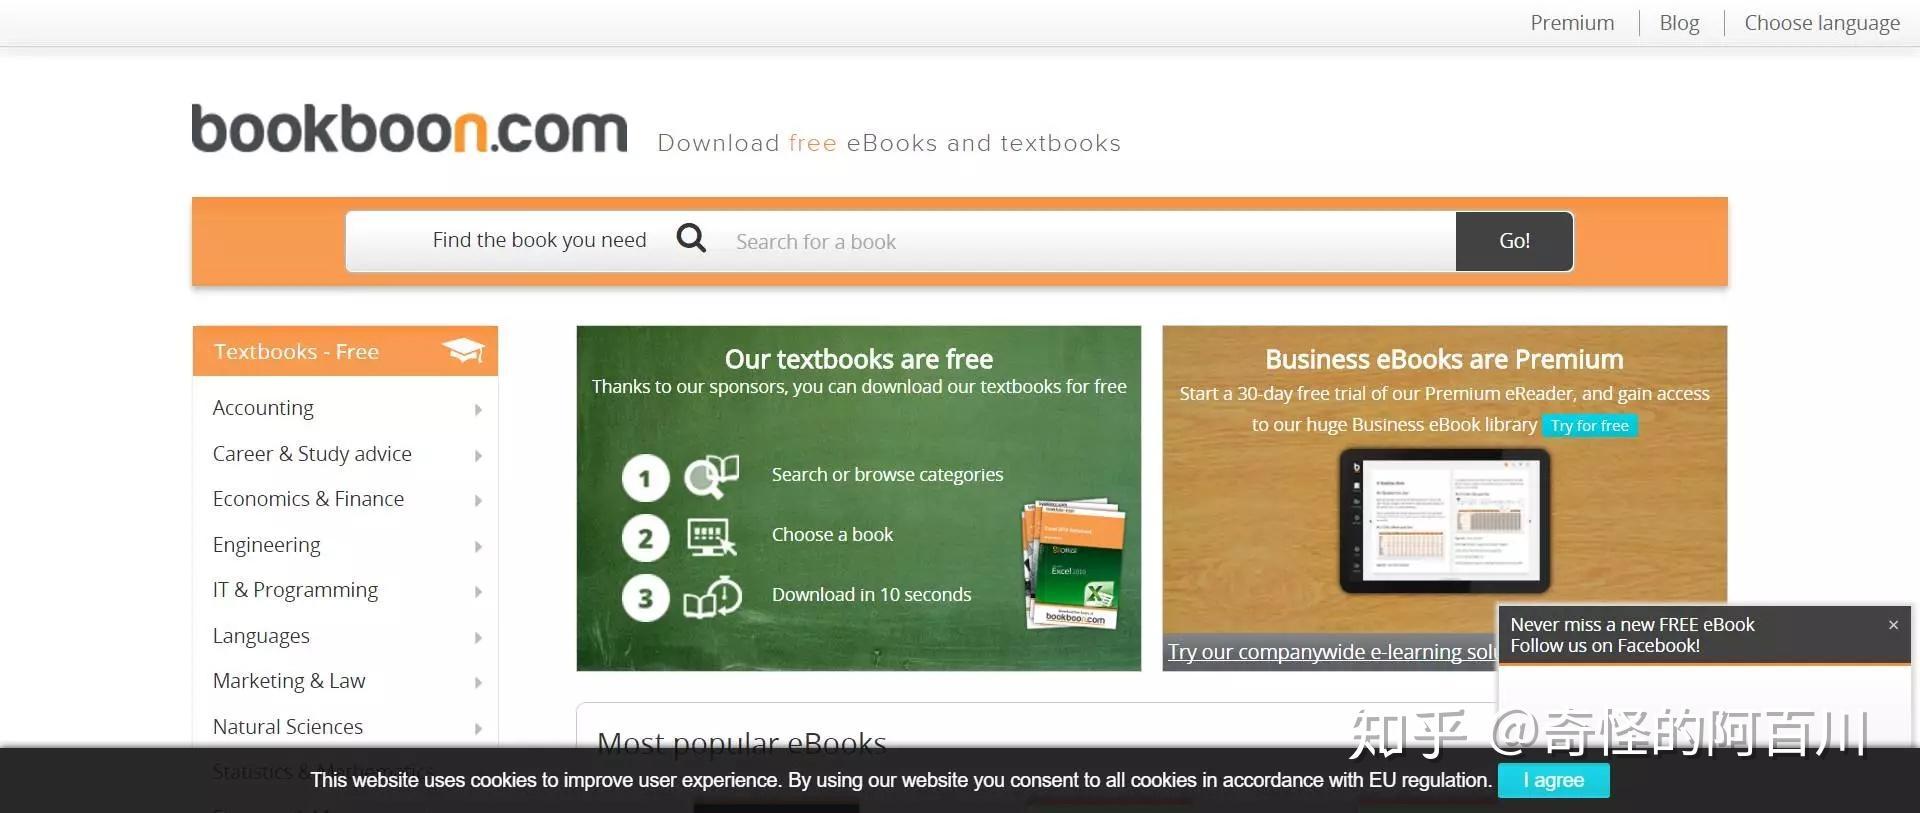 网站国外:免费下载国外教科书的网站有哪些?-U9SEO